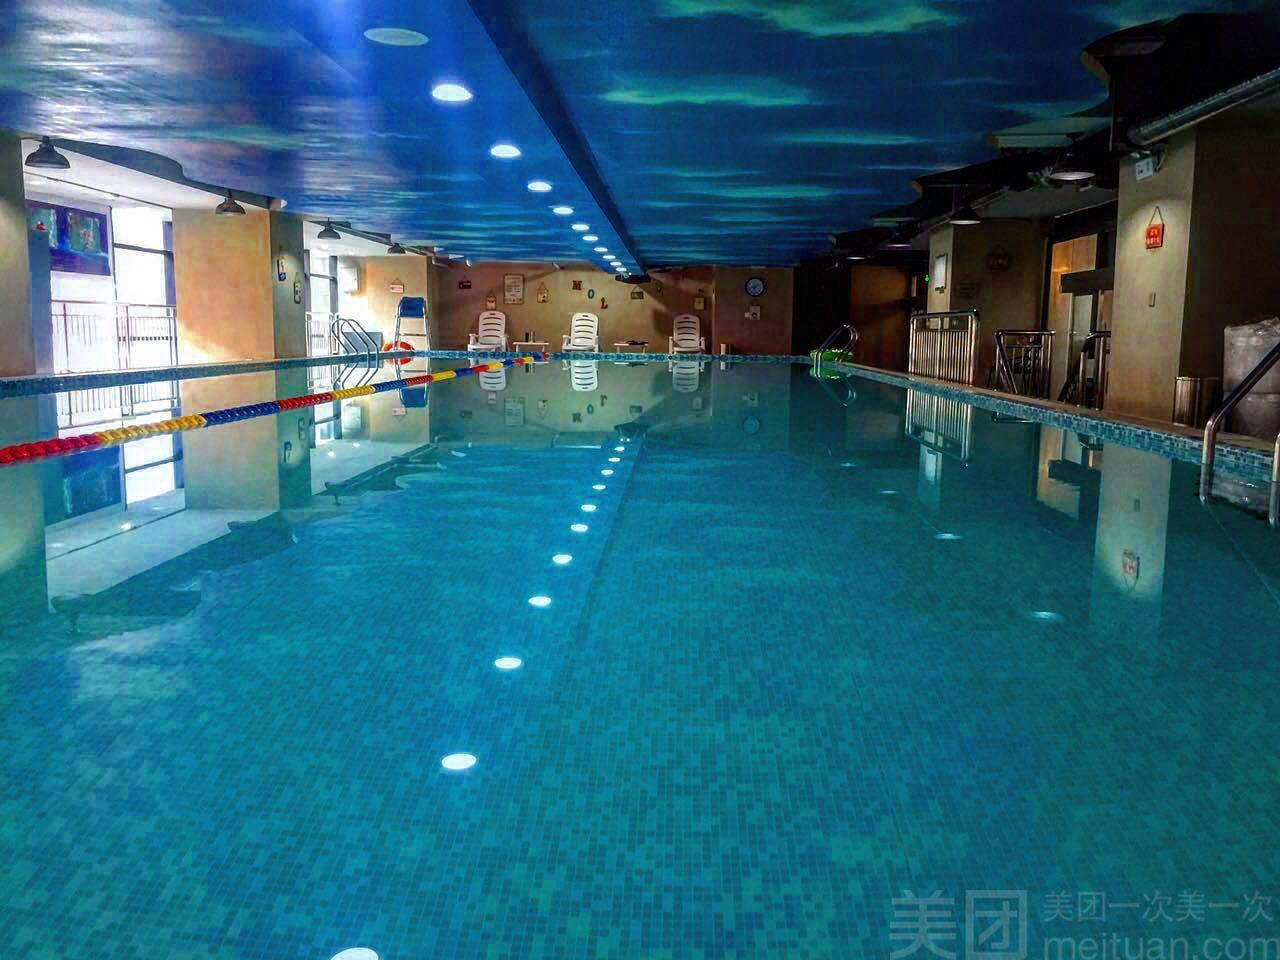 美团网:长沙今日游泳团购:【摩尔国际健身俱乐部】青少年游泳健身培训